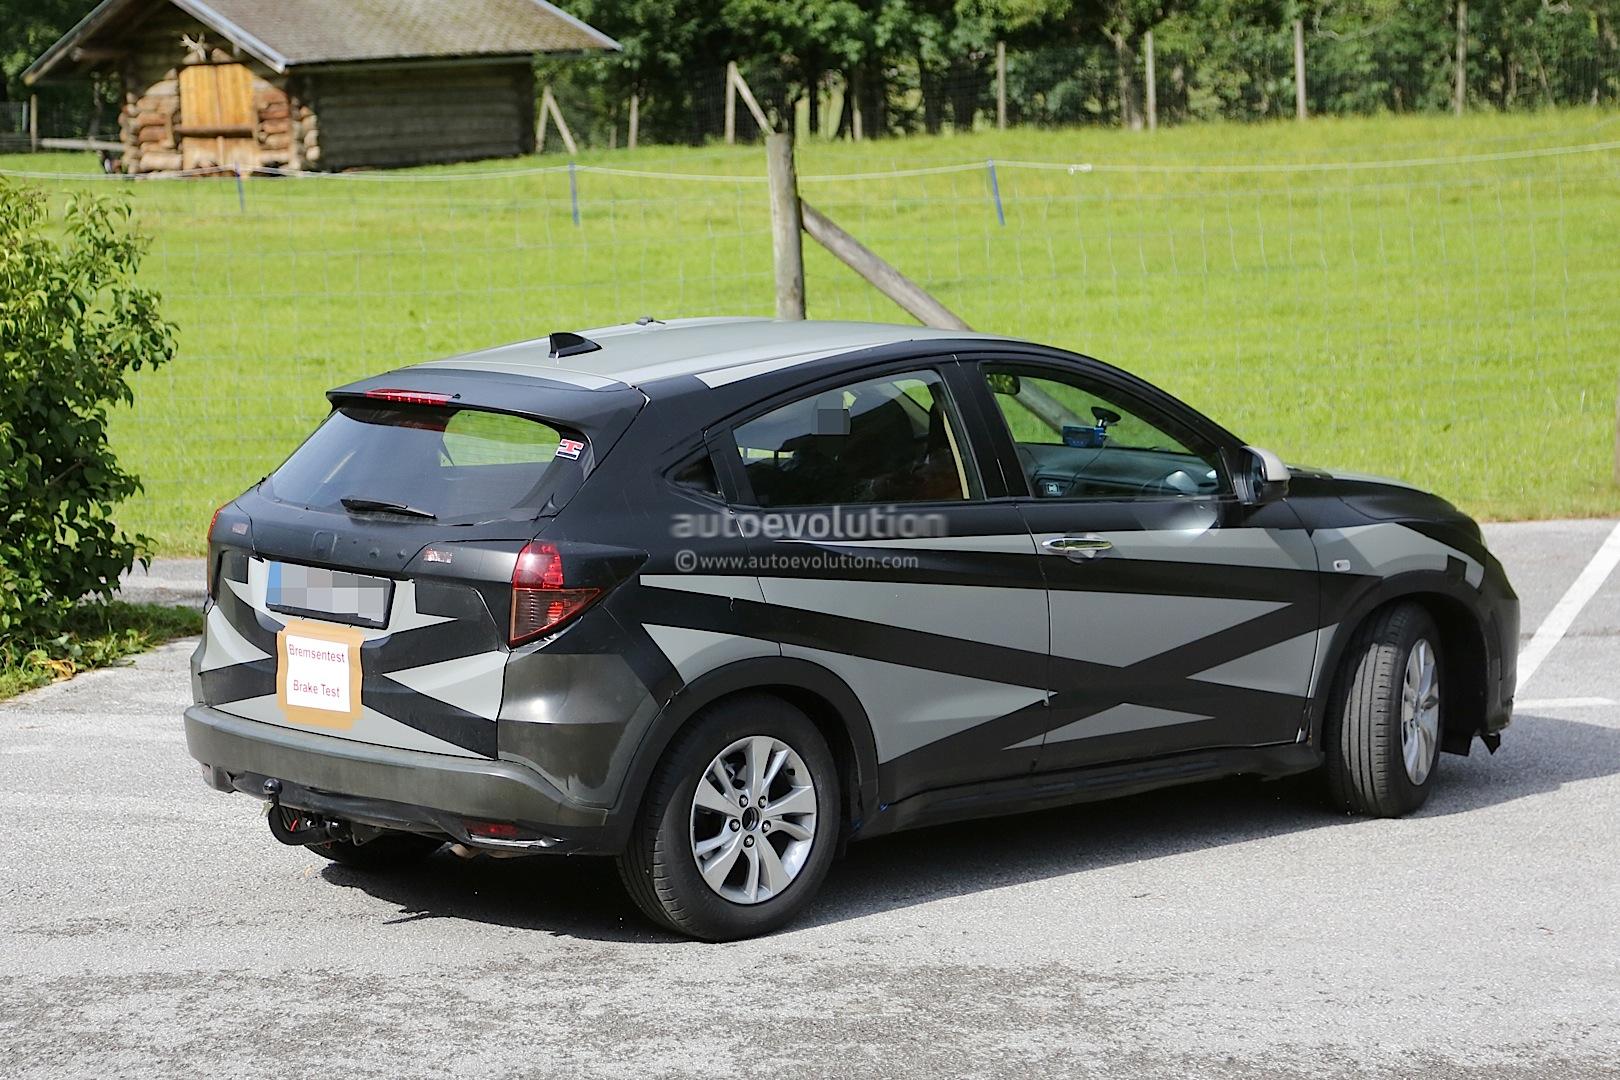 2014 - [Honda] Vezel / HR-V - Page 3 2015-honda-hr-v-spied-inside-out-photo-gallery_5